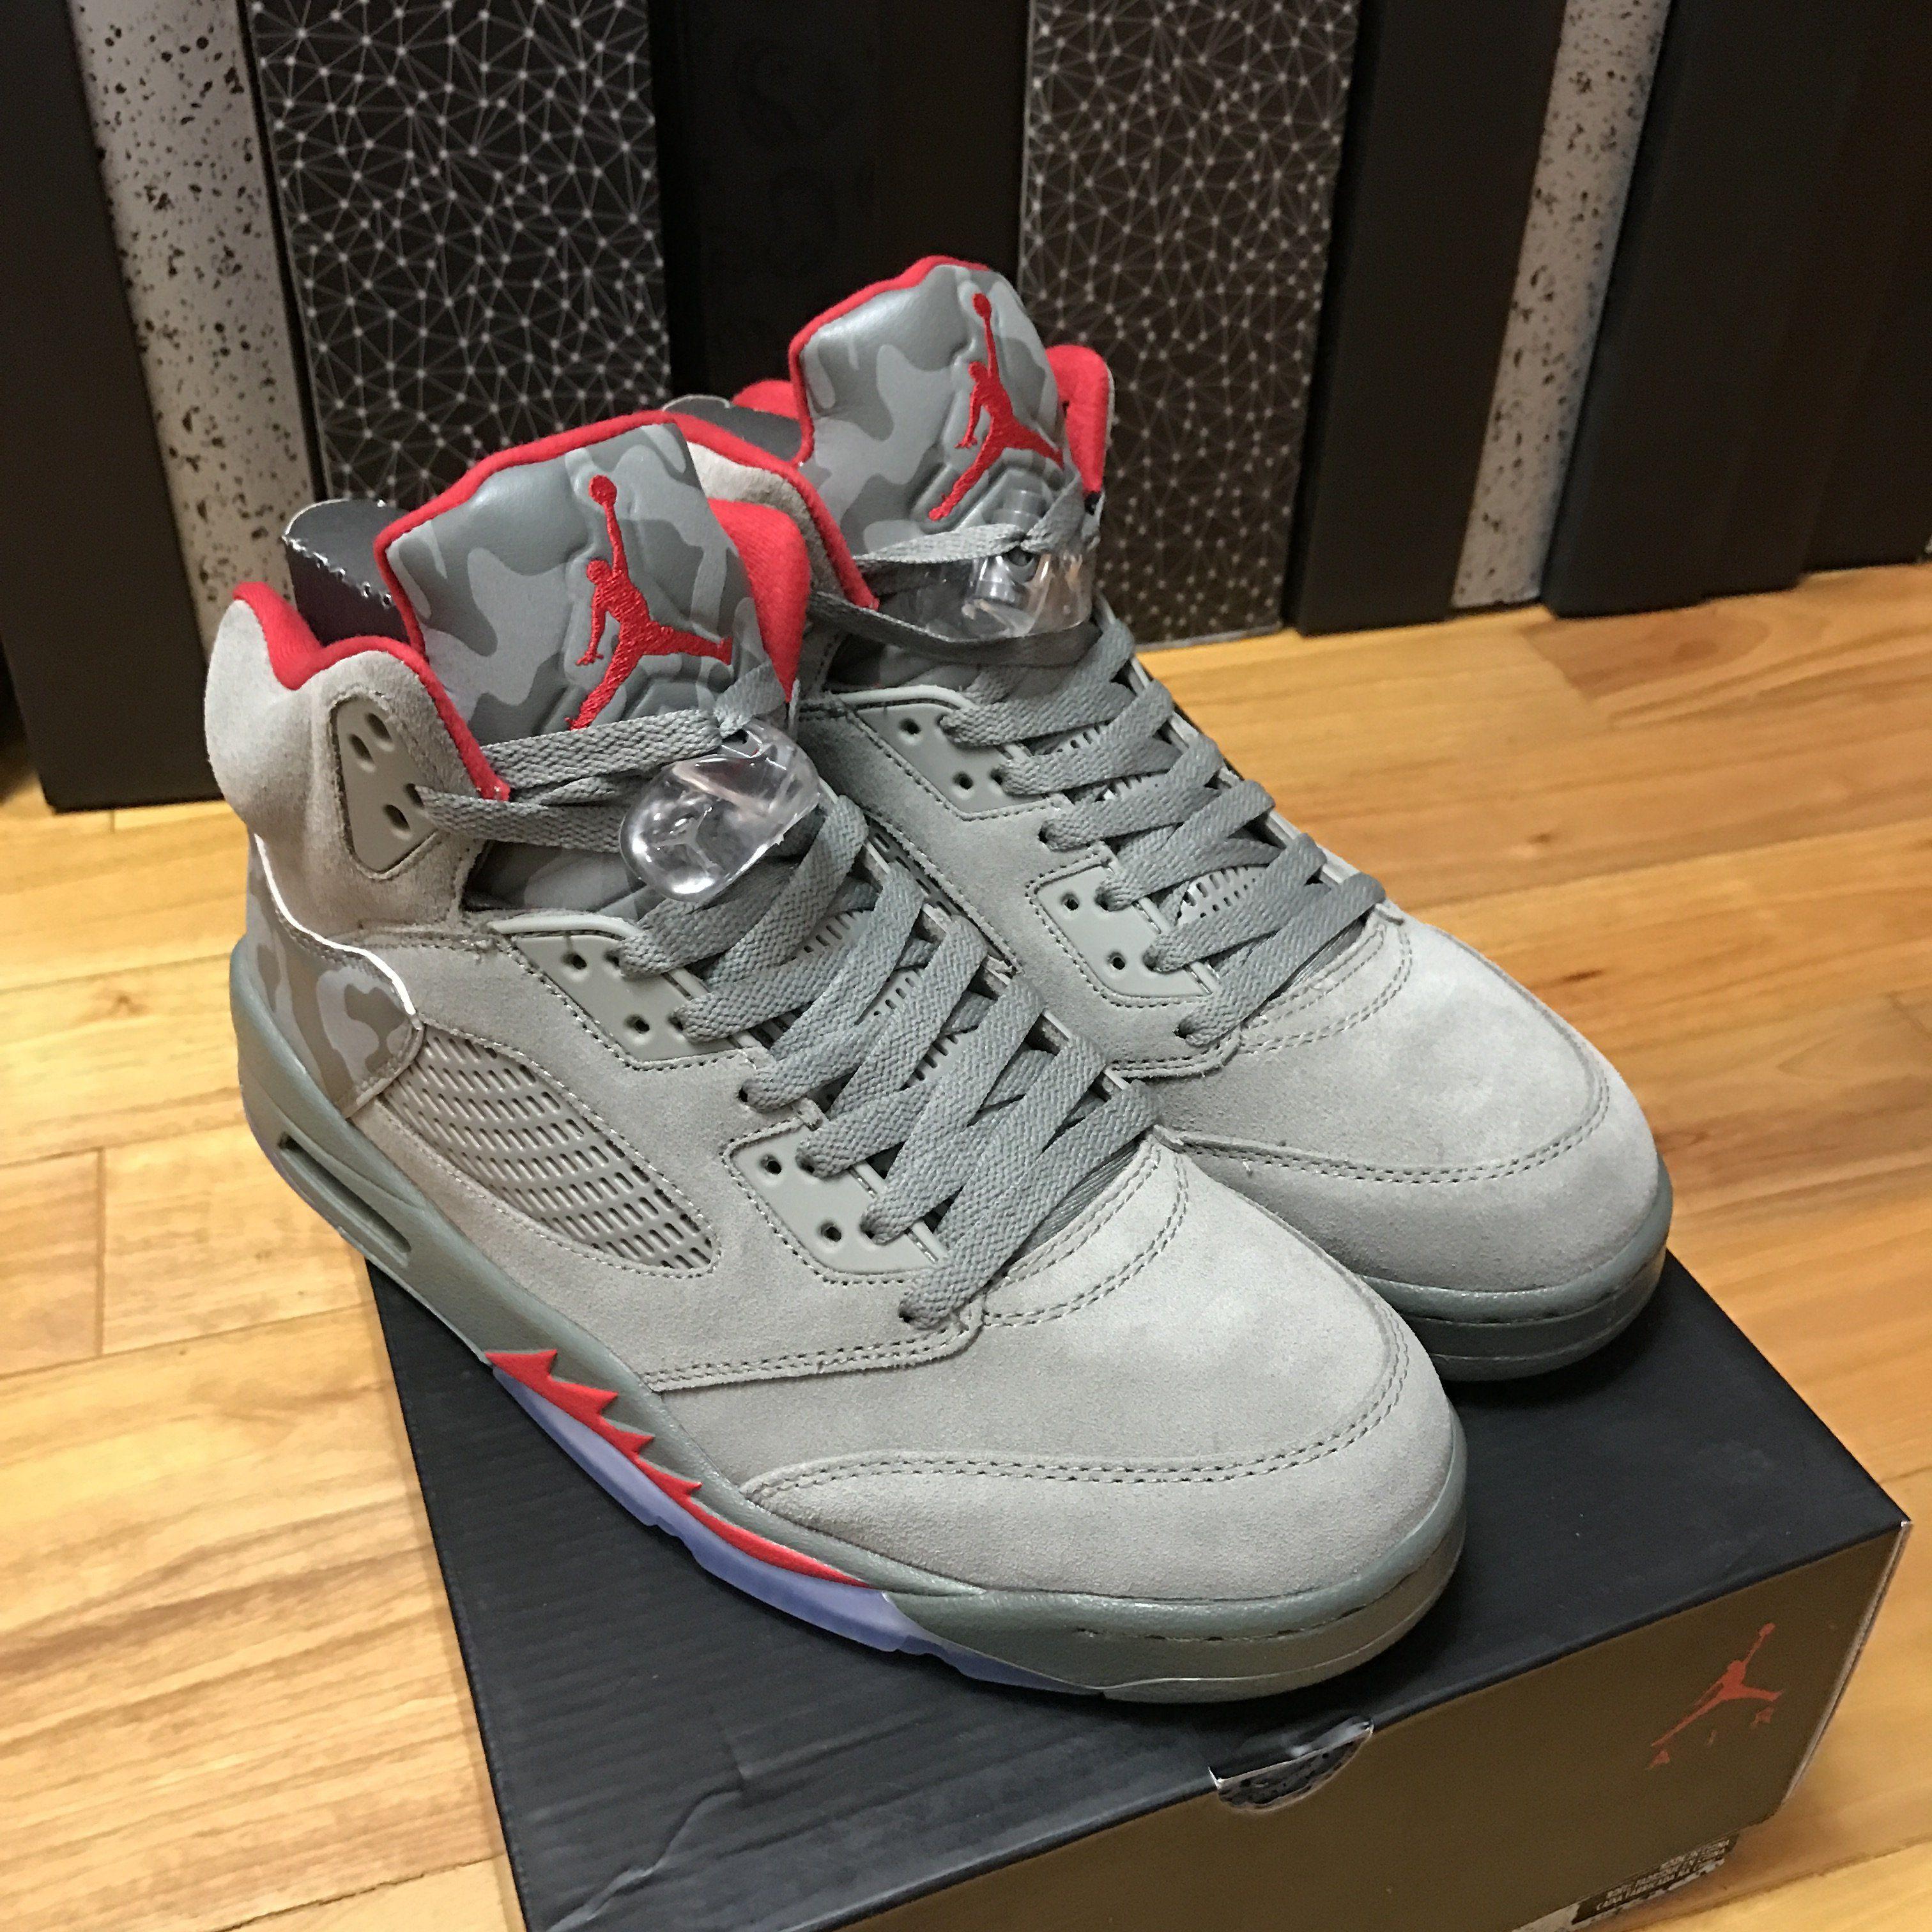 online store 0144c 037c4 Jordan 5 Retro Bape X Trophy Room | Products | Jordans ...